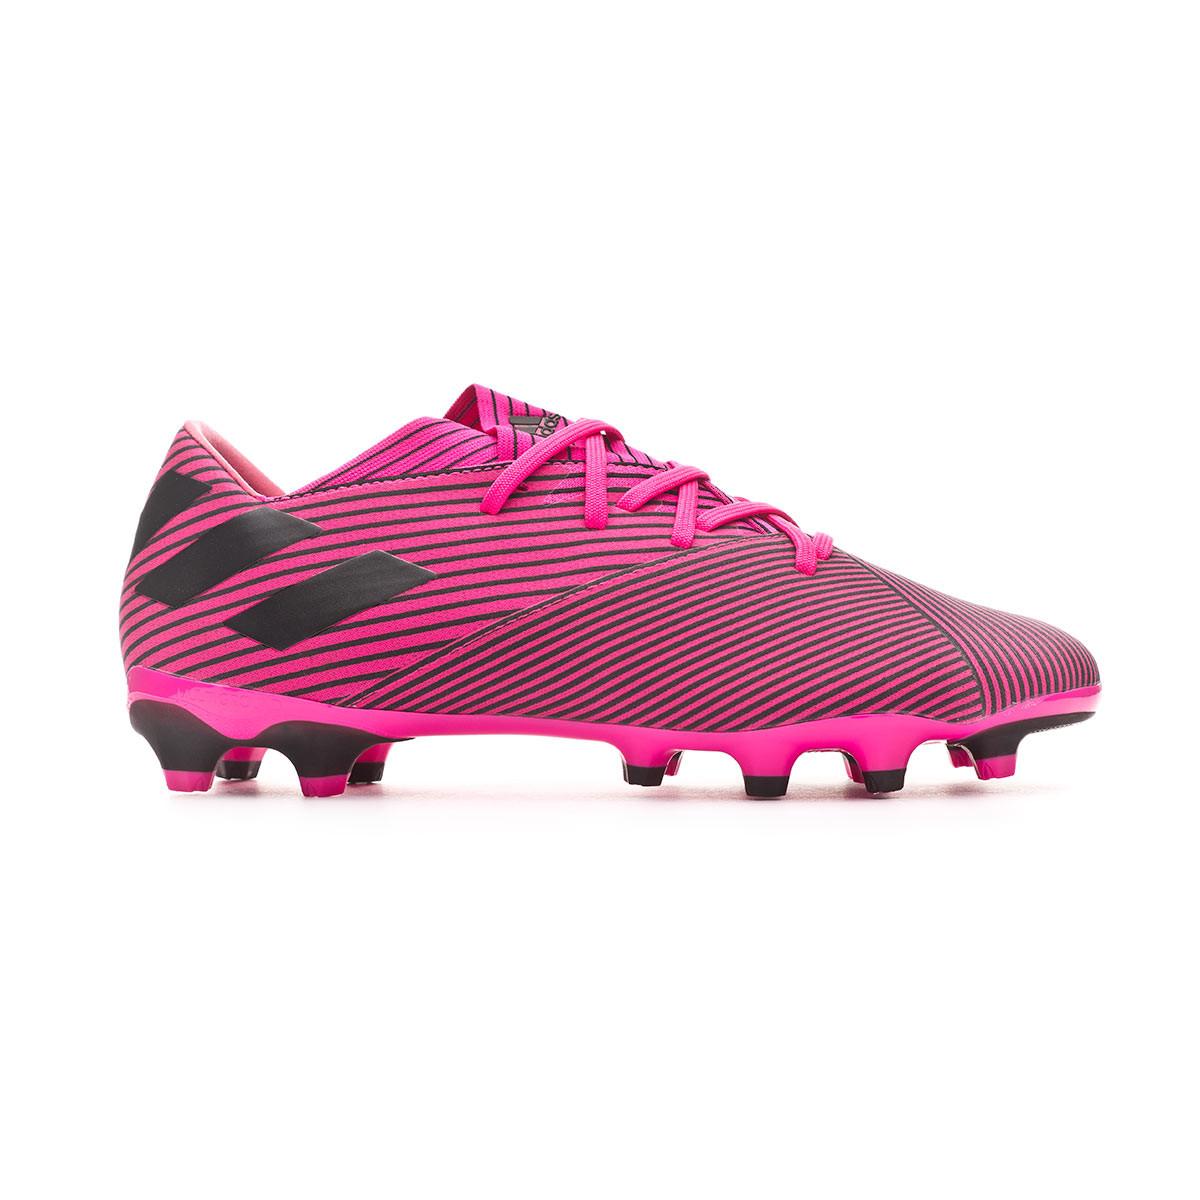 Chaussure de foot adidas Nemeziz 19.2 MG